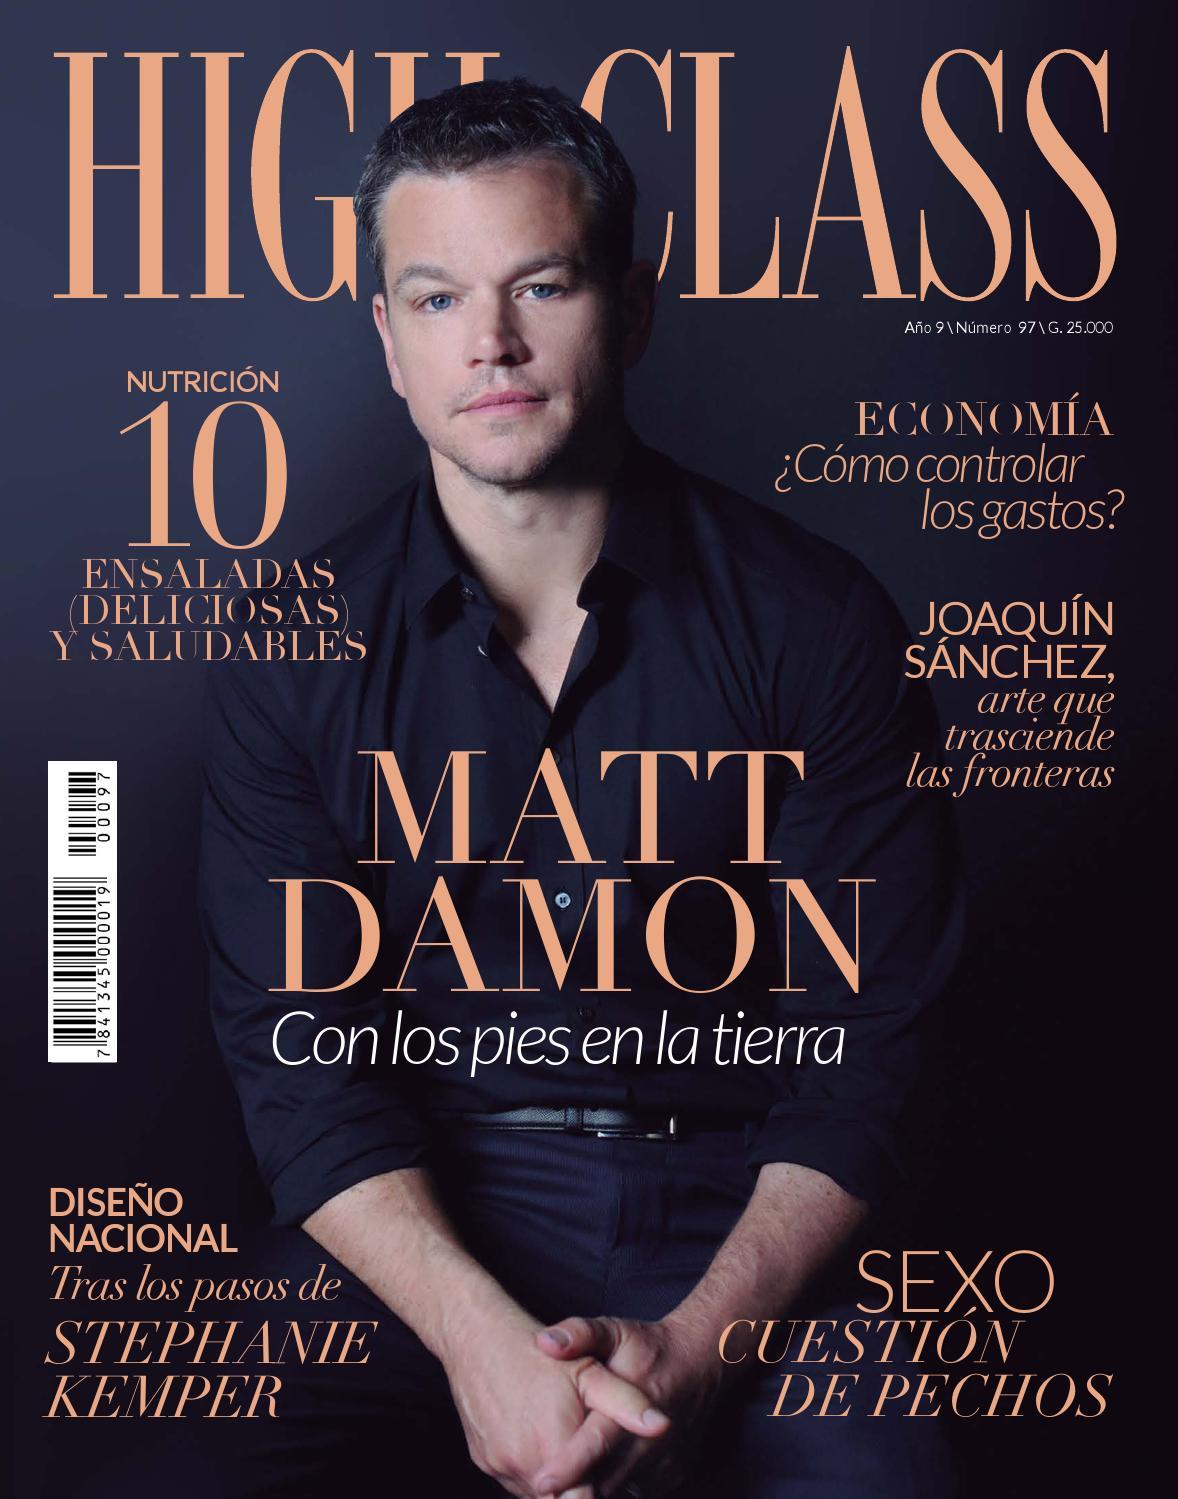 High Class de noviembre 2015 by Revista High Class - issuu